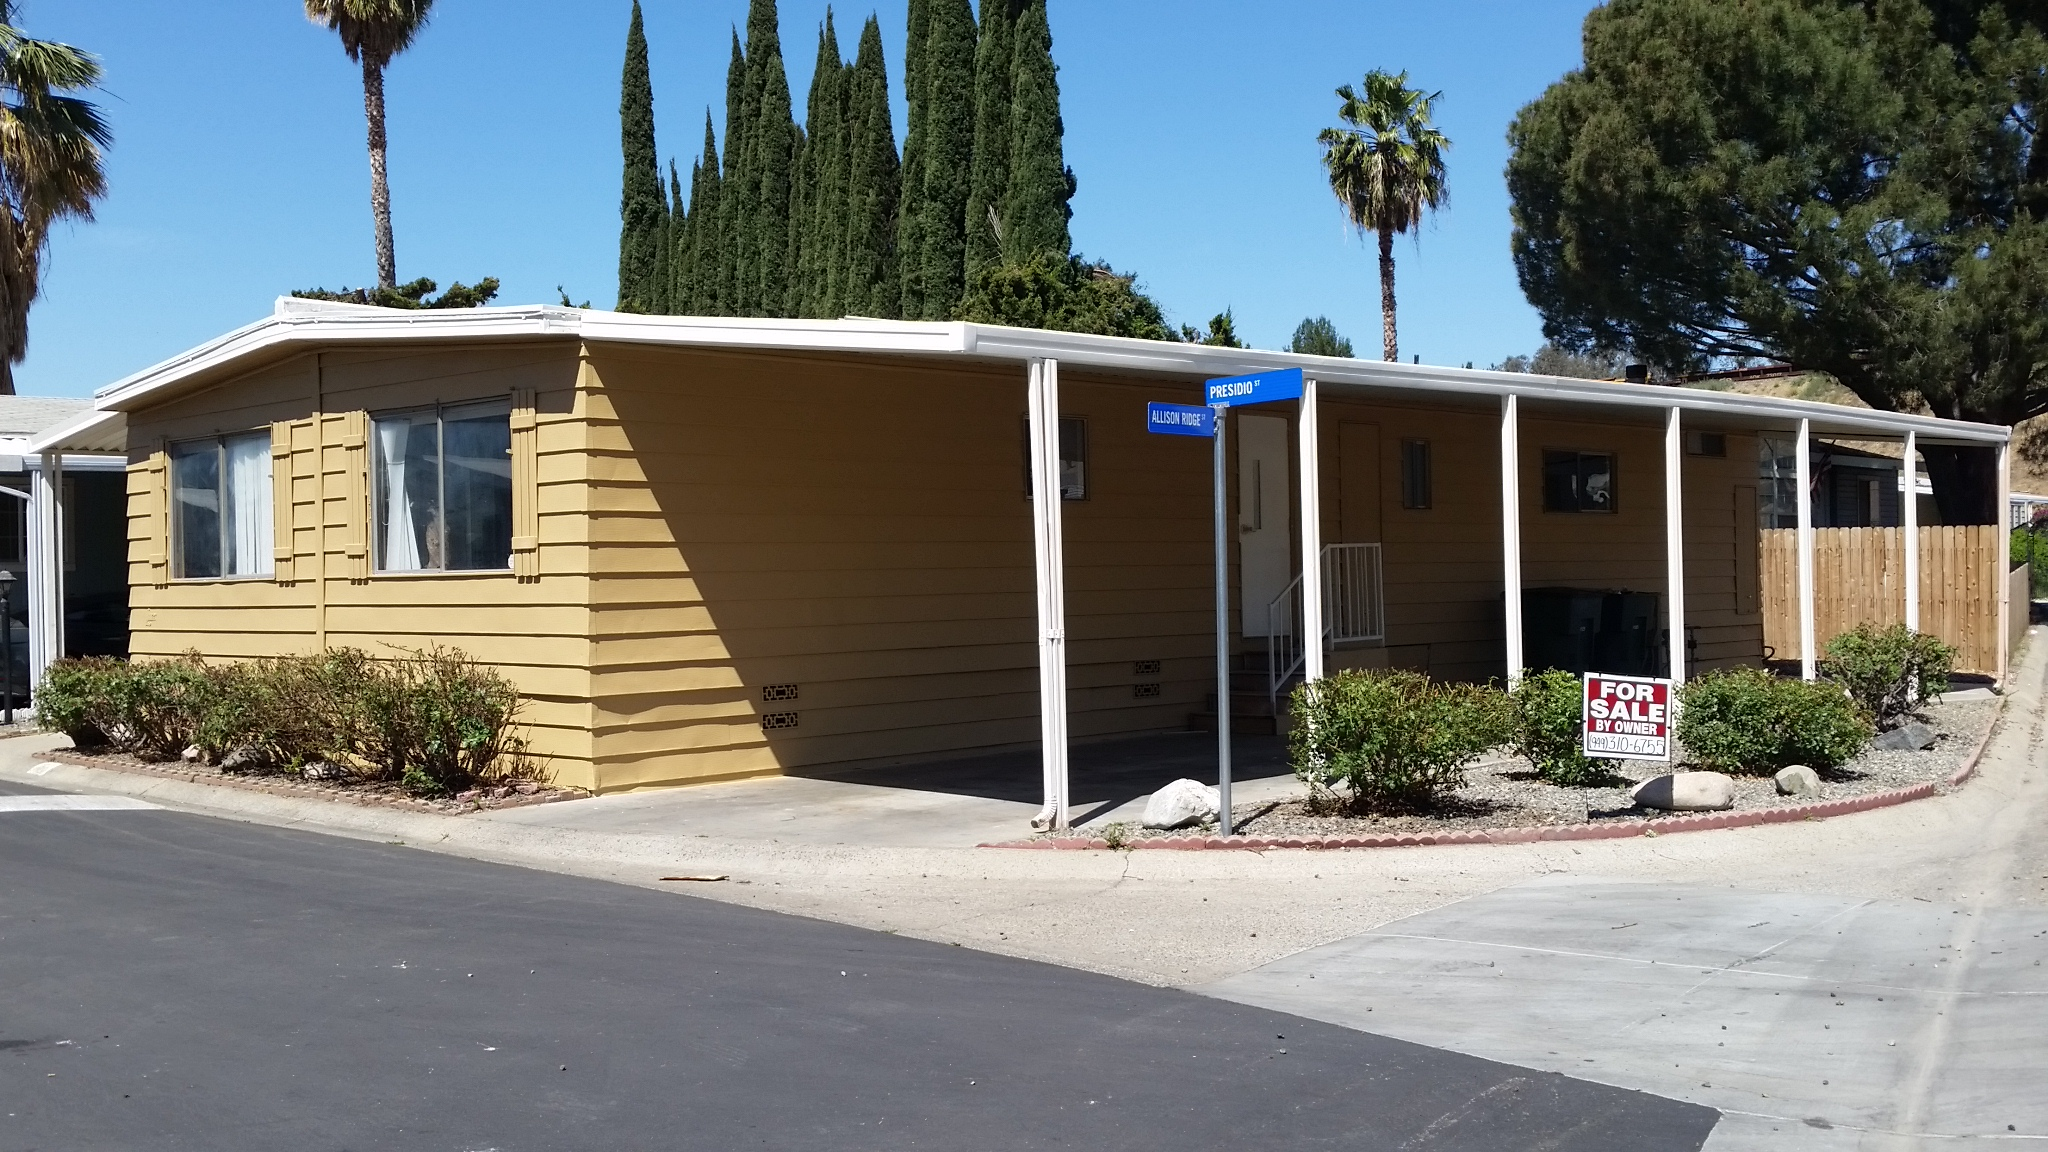 Casas moviles para la venta en orange county ca - Casas de moviles ...